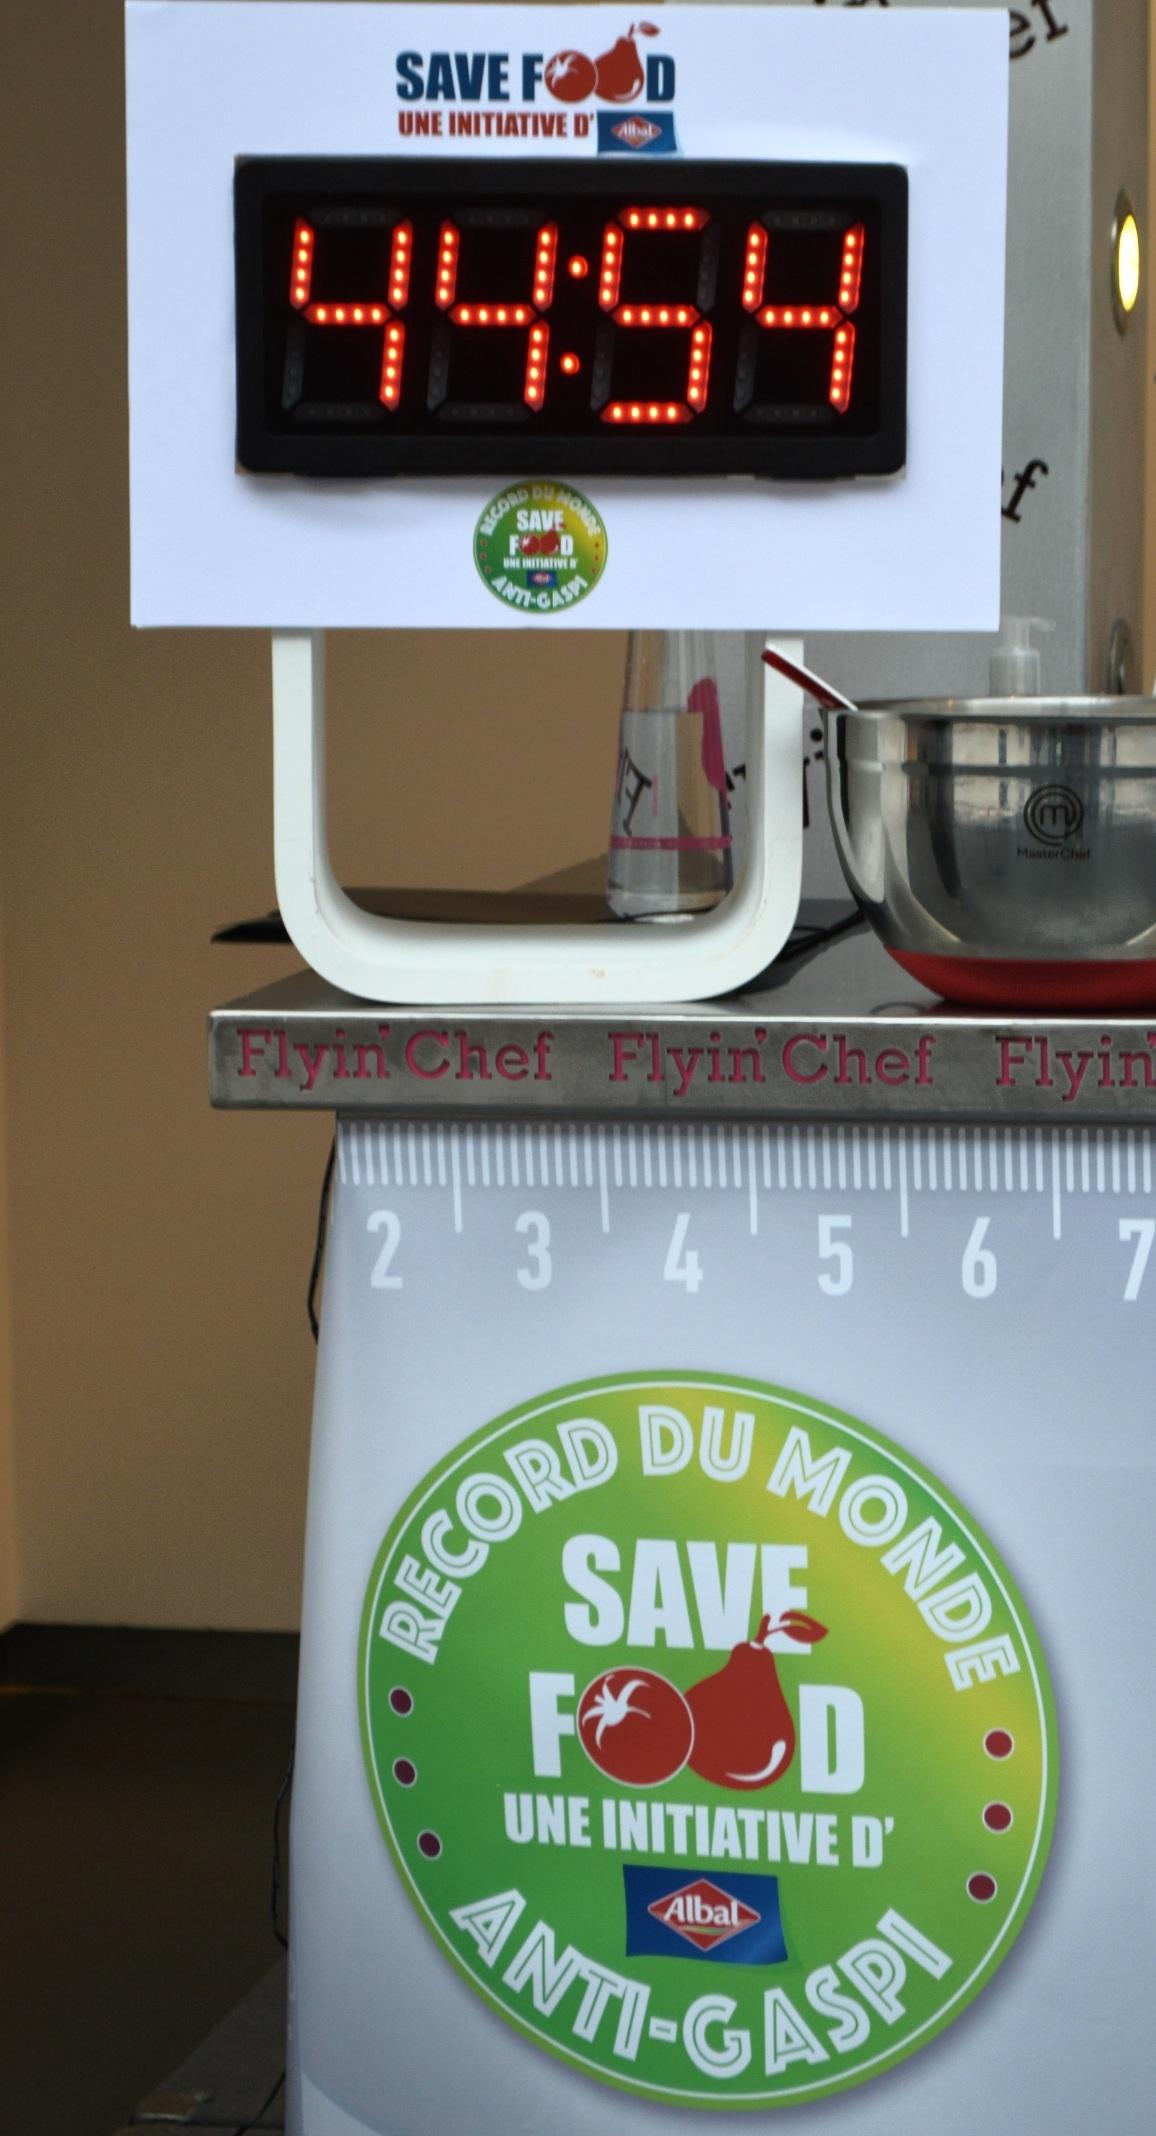 Un+vrai+d%C3%A9fi+Save+FOOD